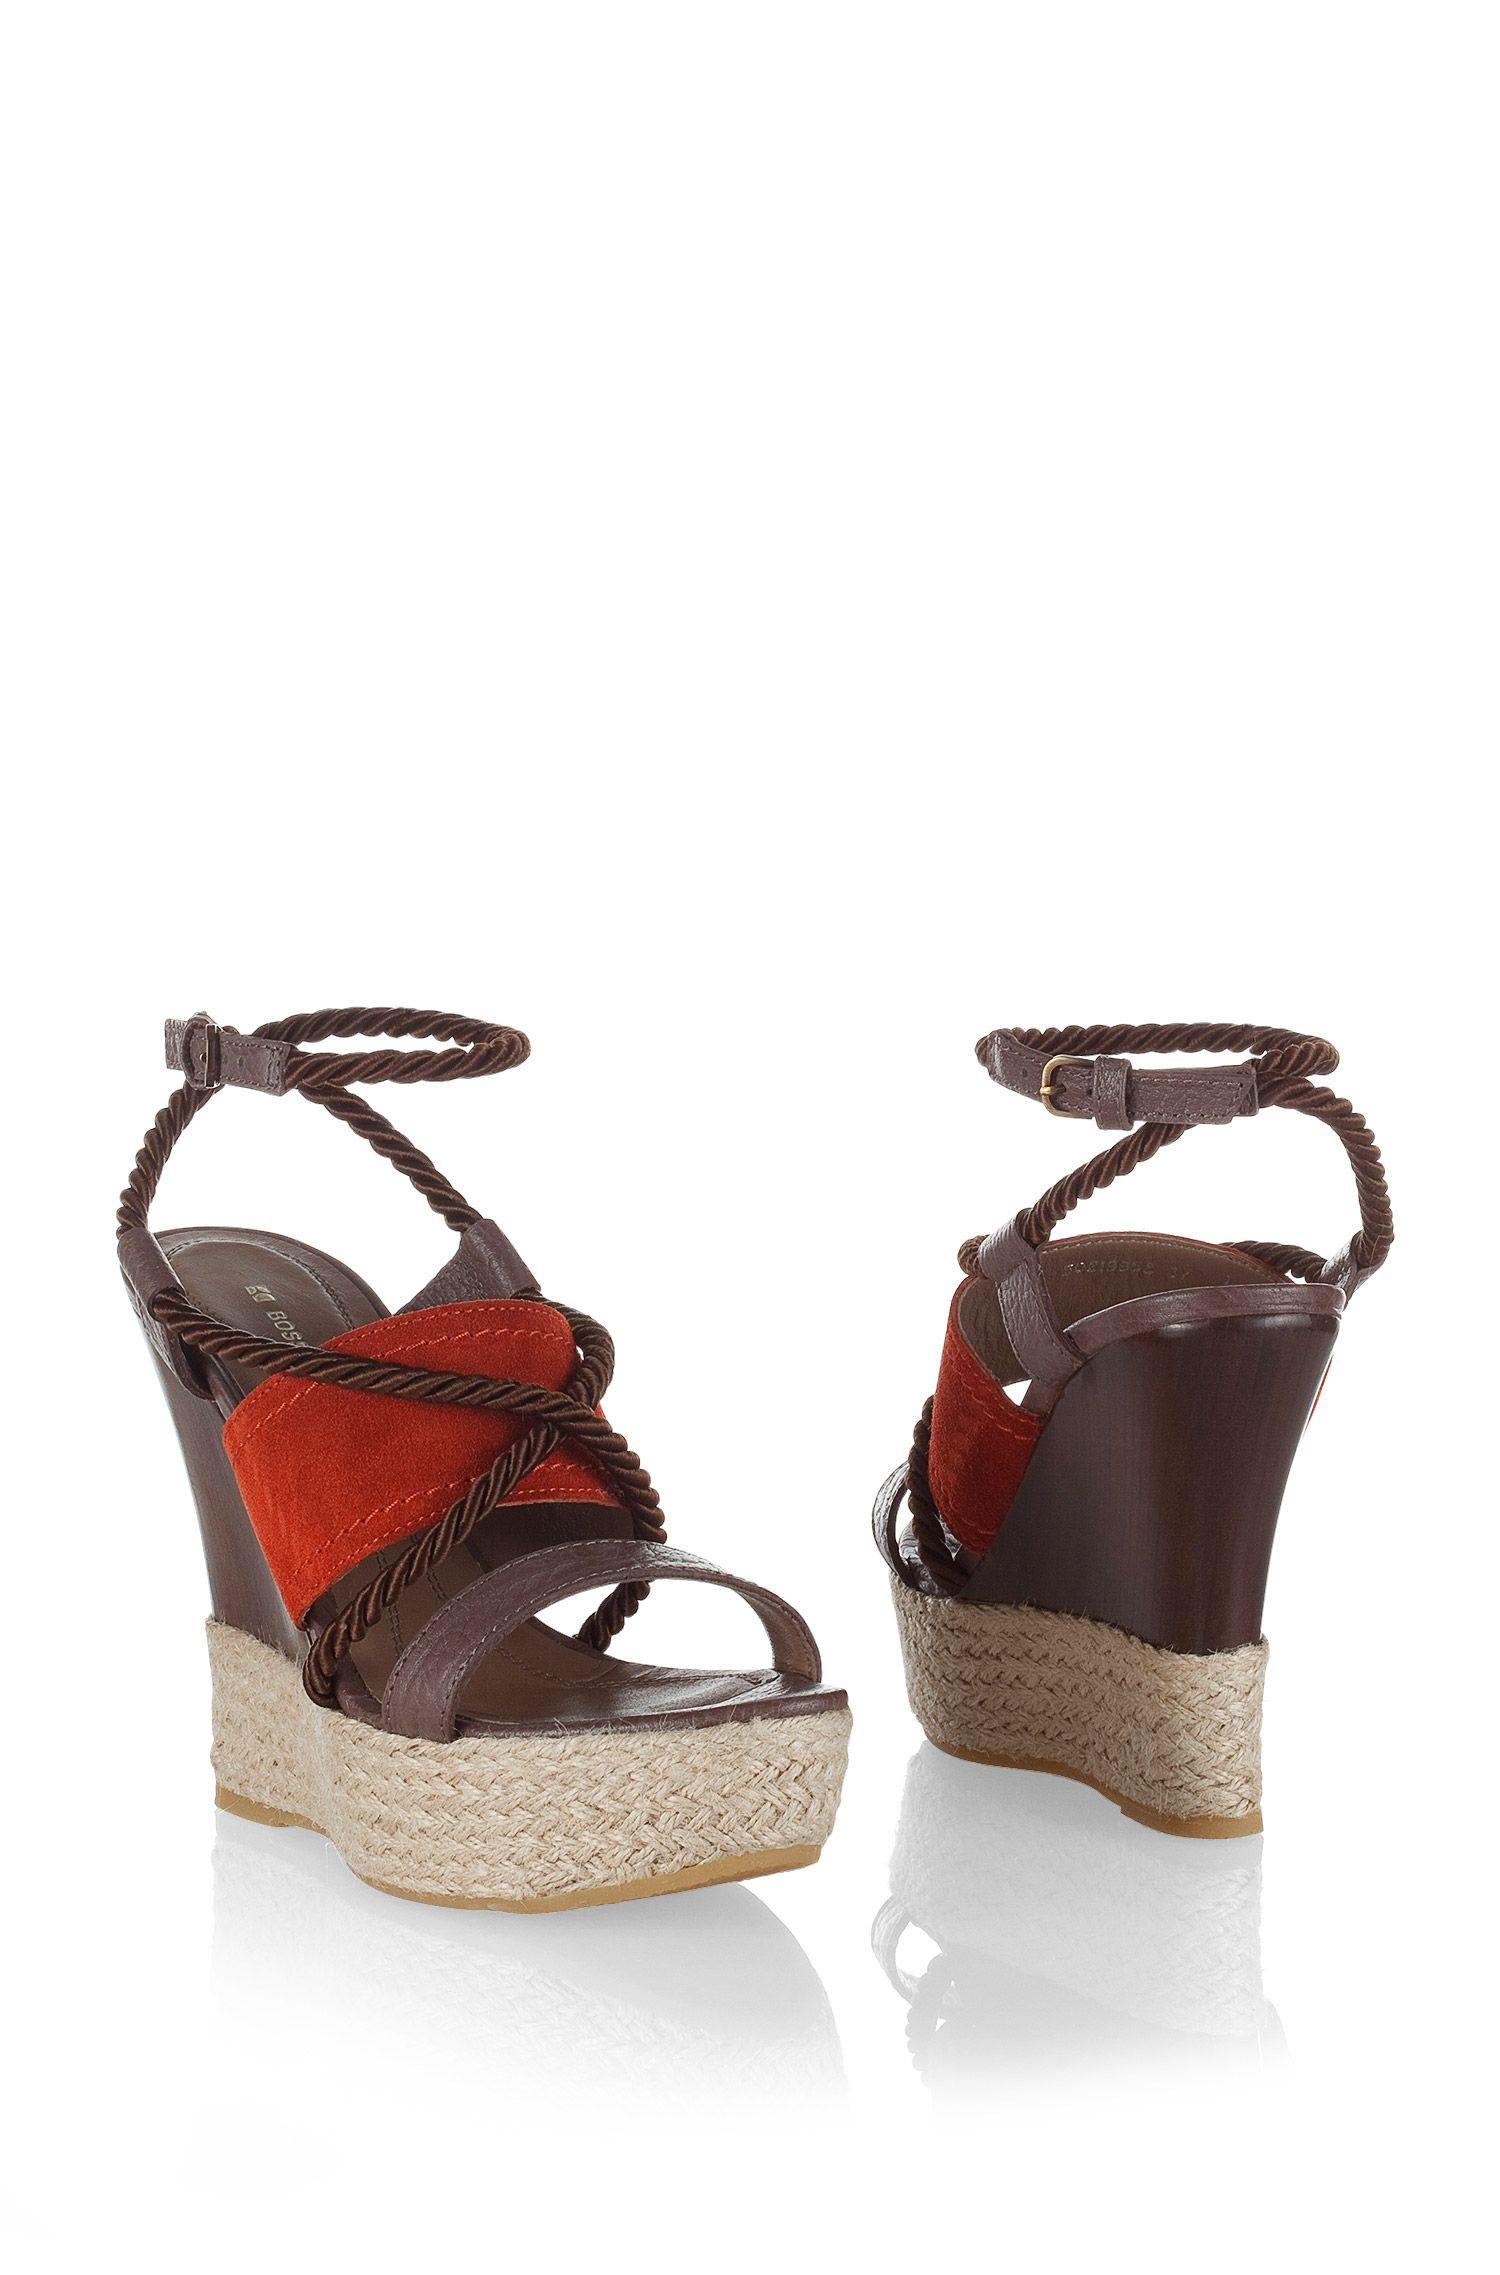 Sandales design à talons compensés, VIOLE